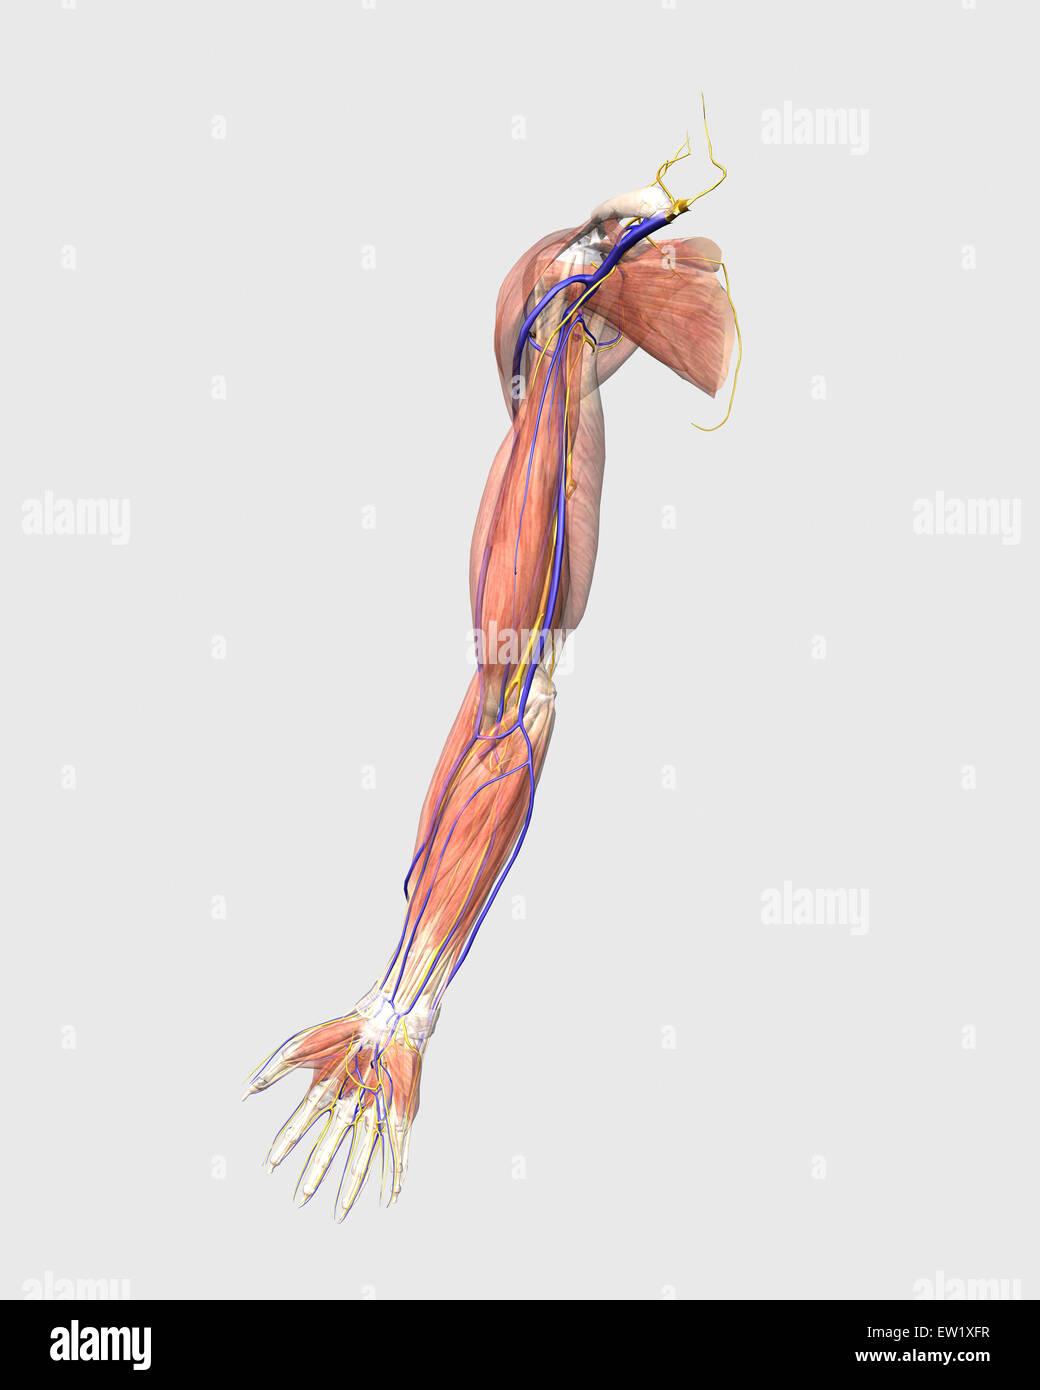 Medizinische Illustration der menschliche Armmuskeln, Venen und ...